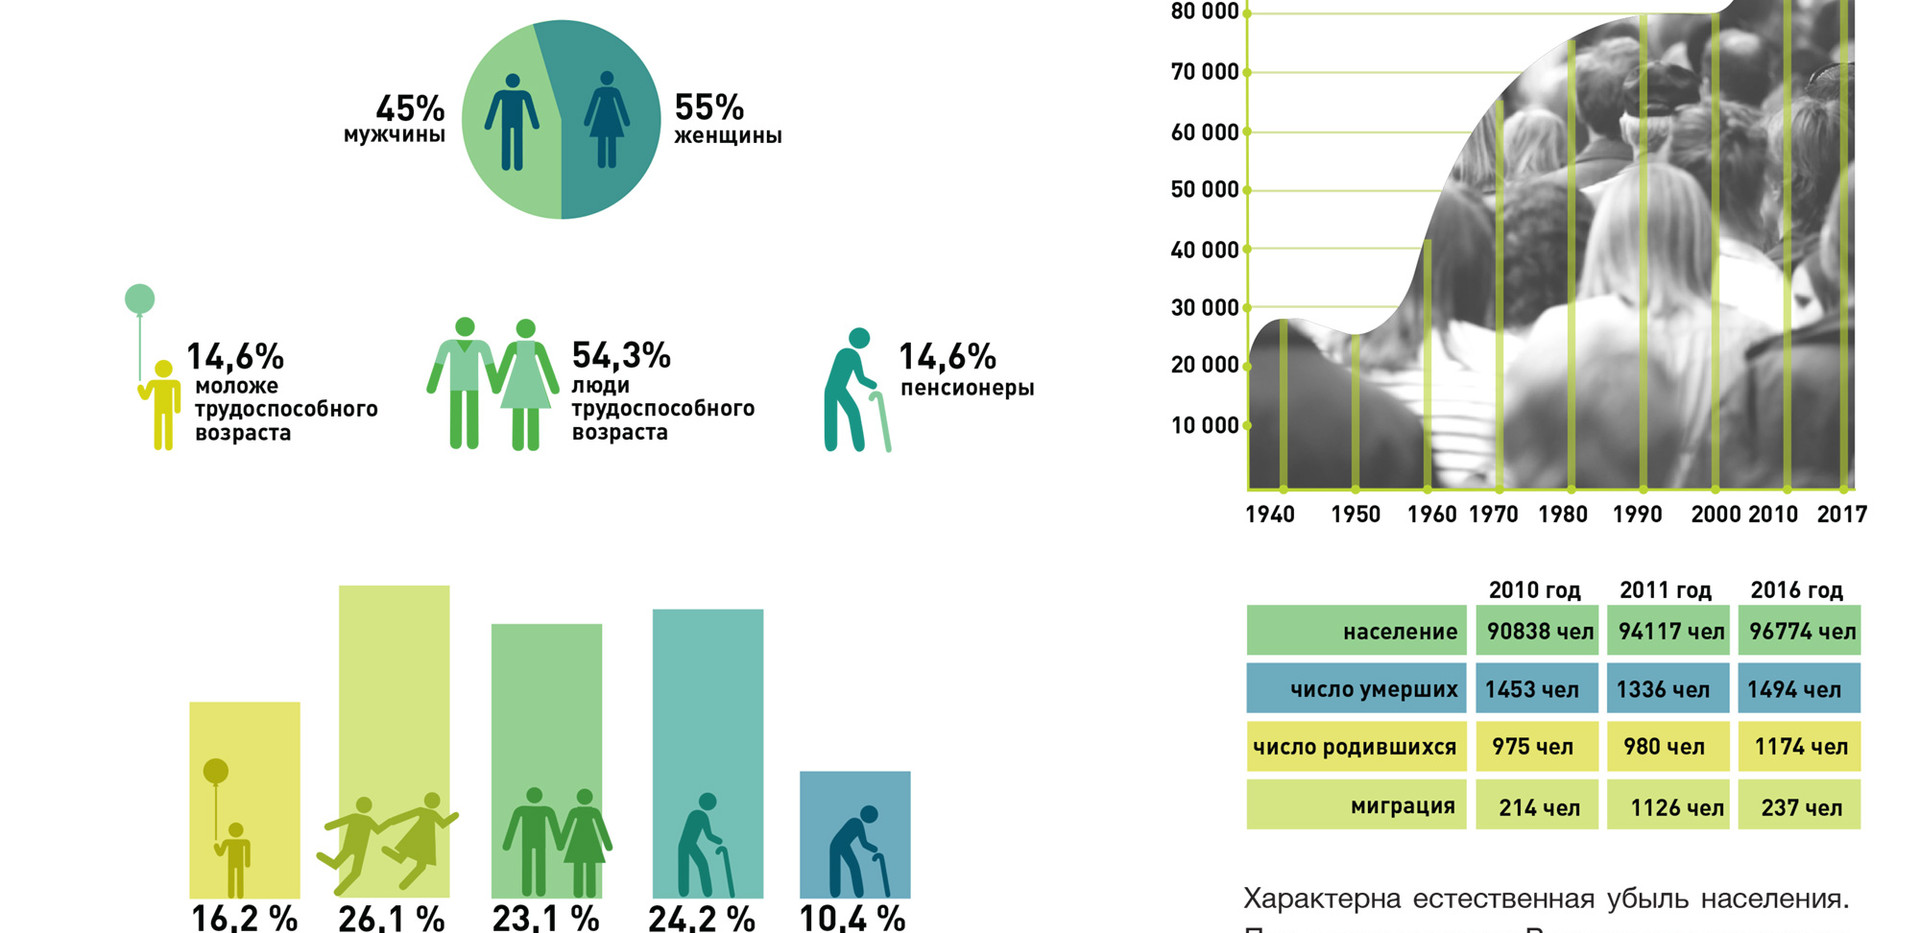 Результаты опроса жителей